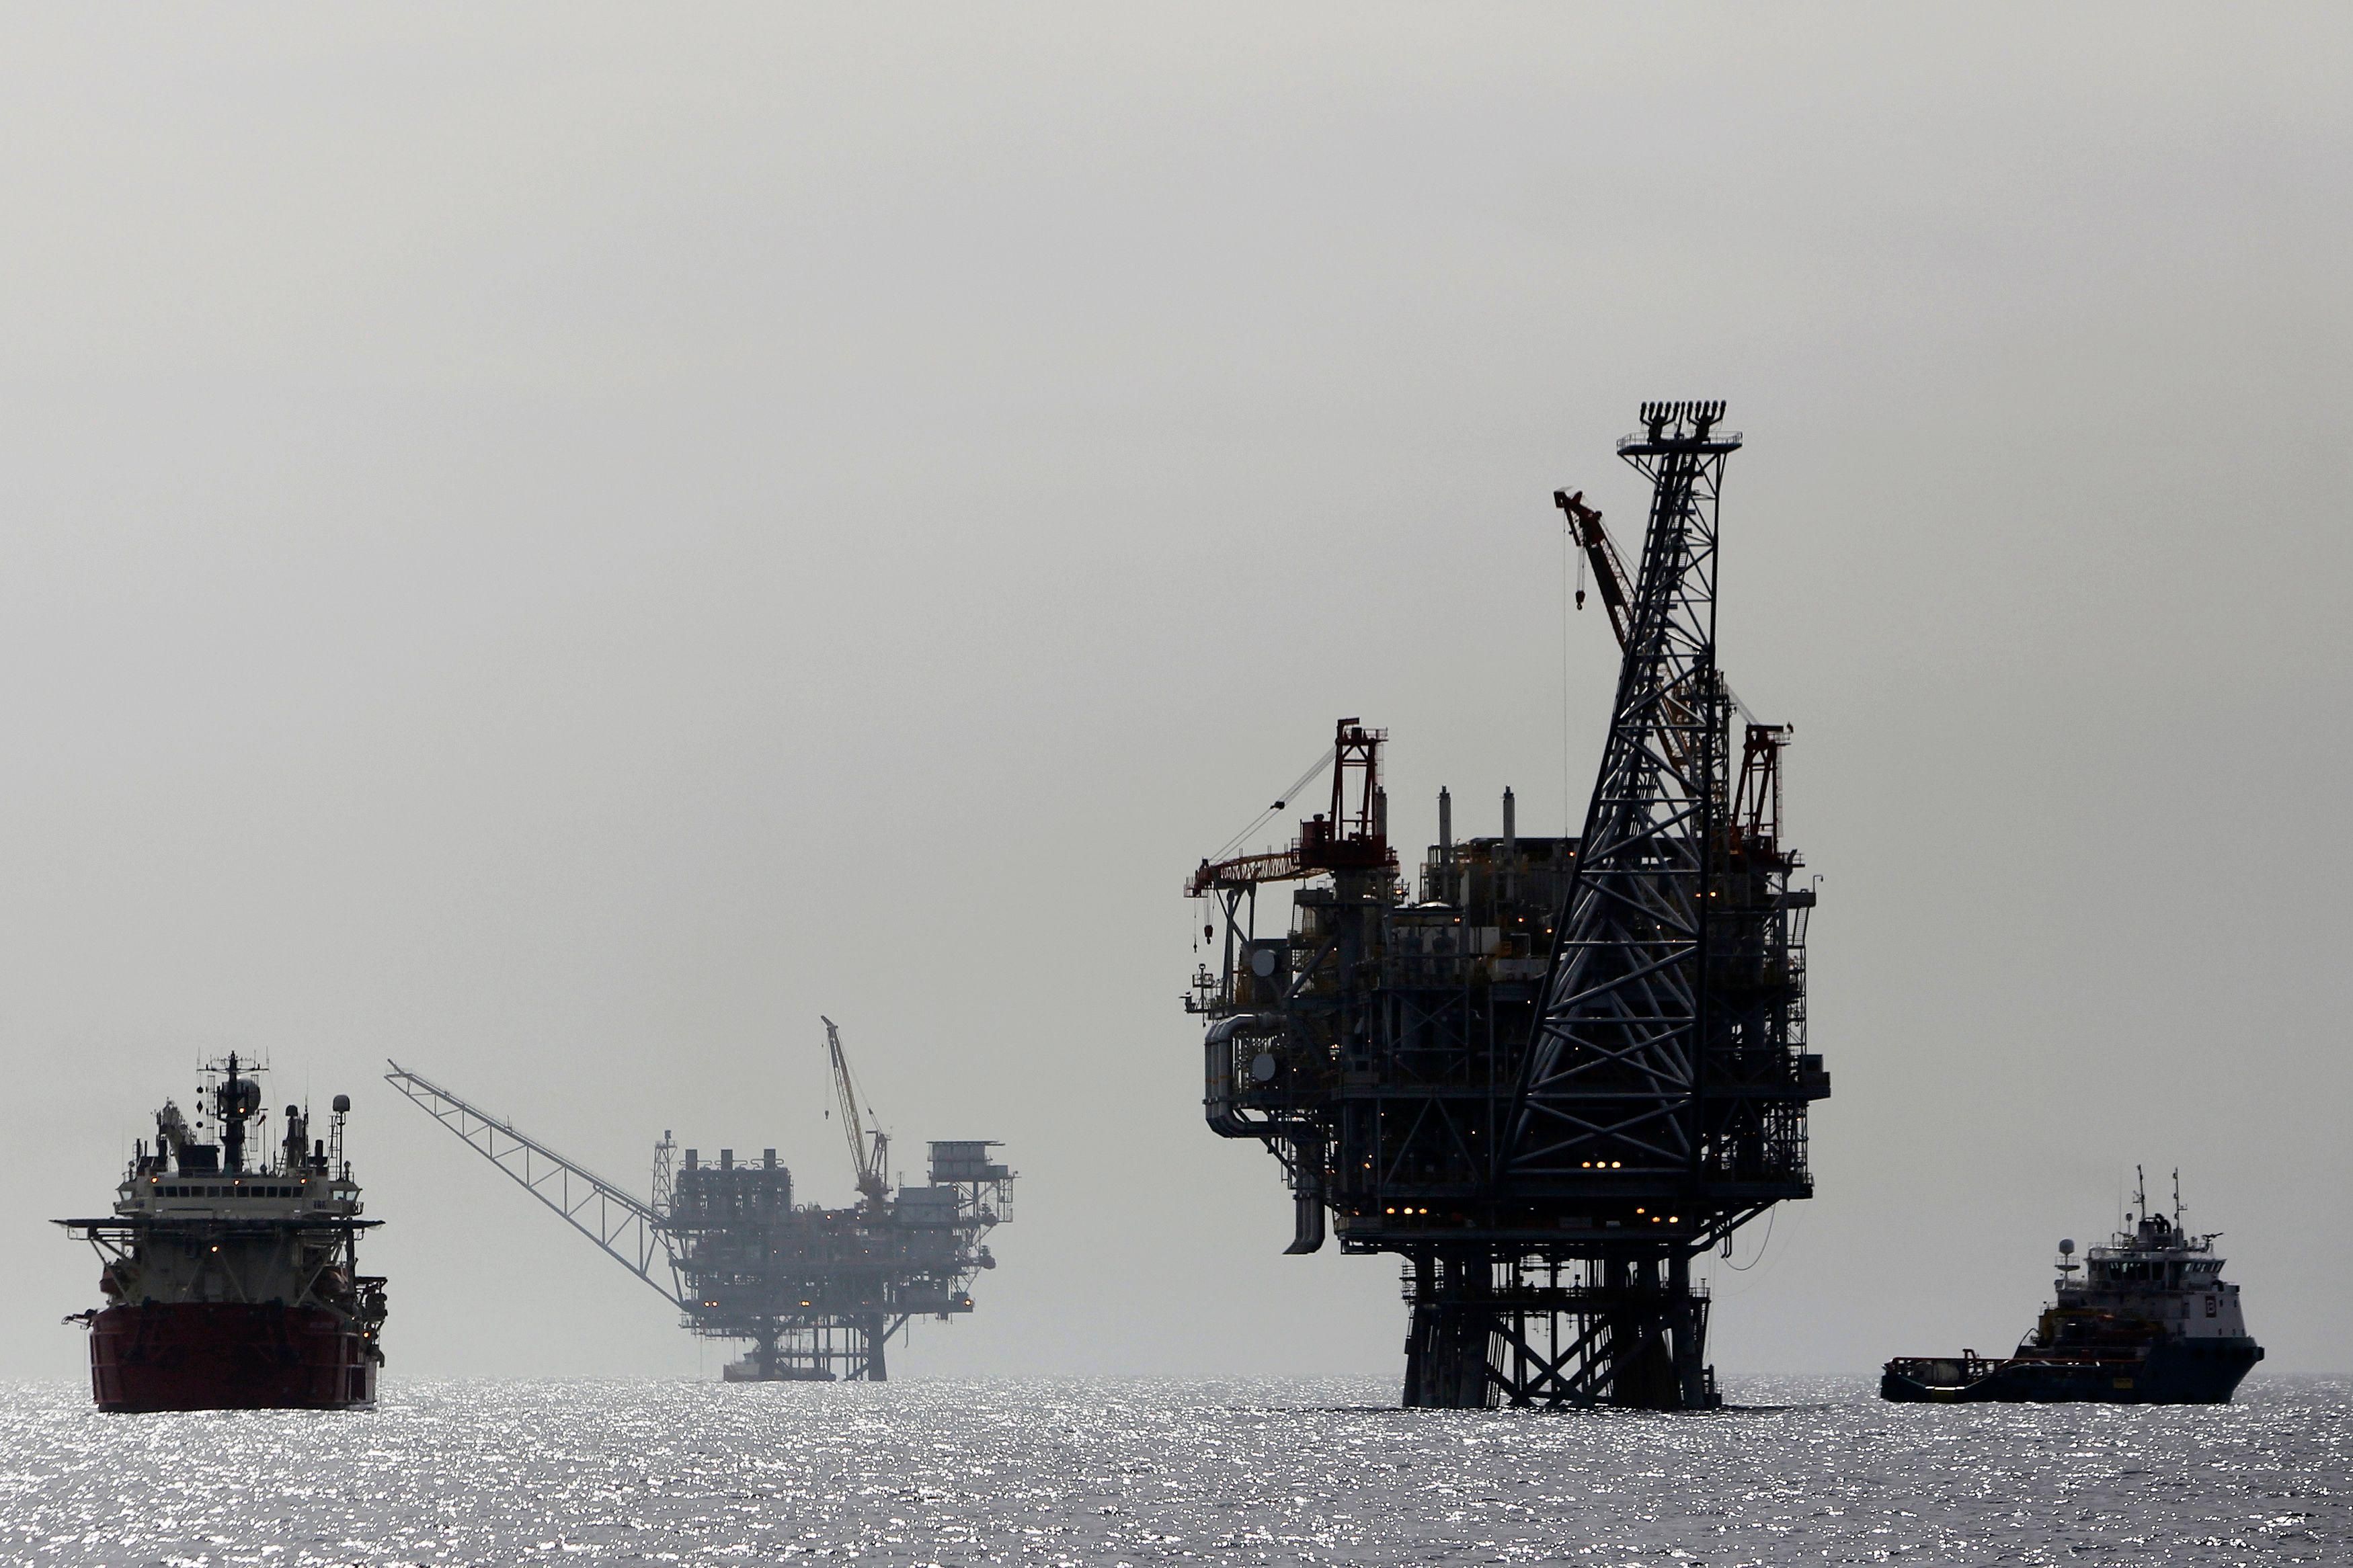 Les subventions publiques mondiales livrées au secteur de l'énergie fossile représentent 5.300 milliards de dollars.